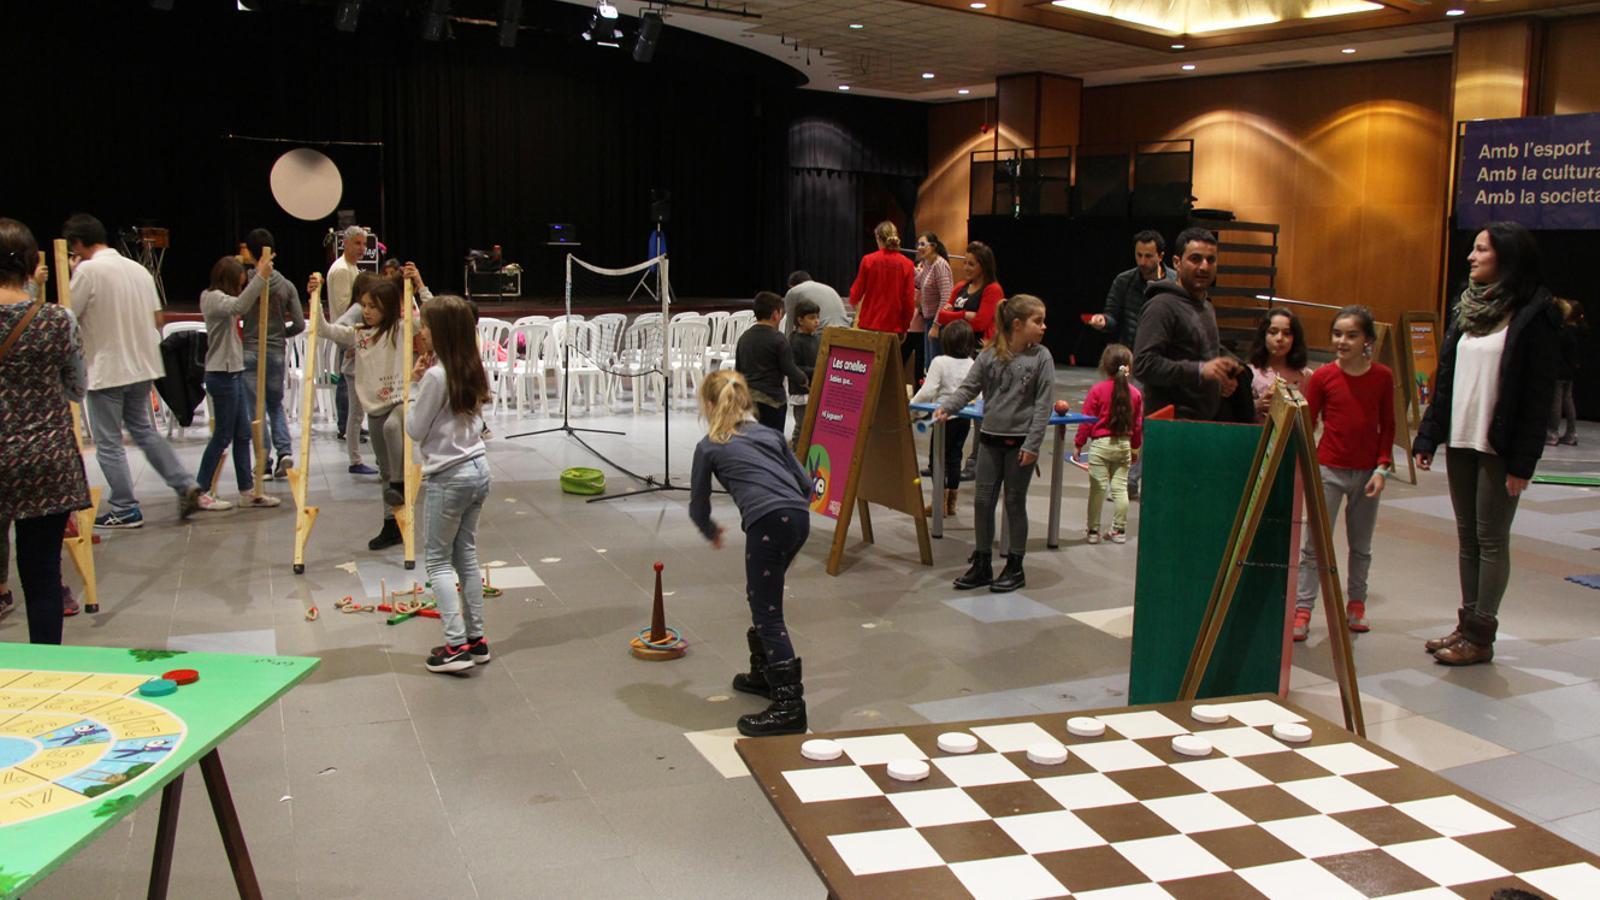 El Saló de la Infància i de la Joventut d'Andorra, tornarà a ser una de les activitats referents de Nadal. / ARA ANDORRA